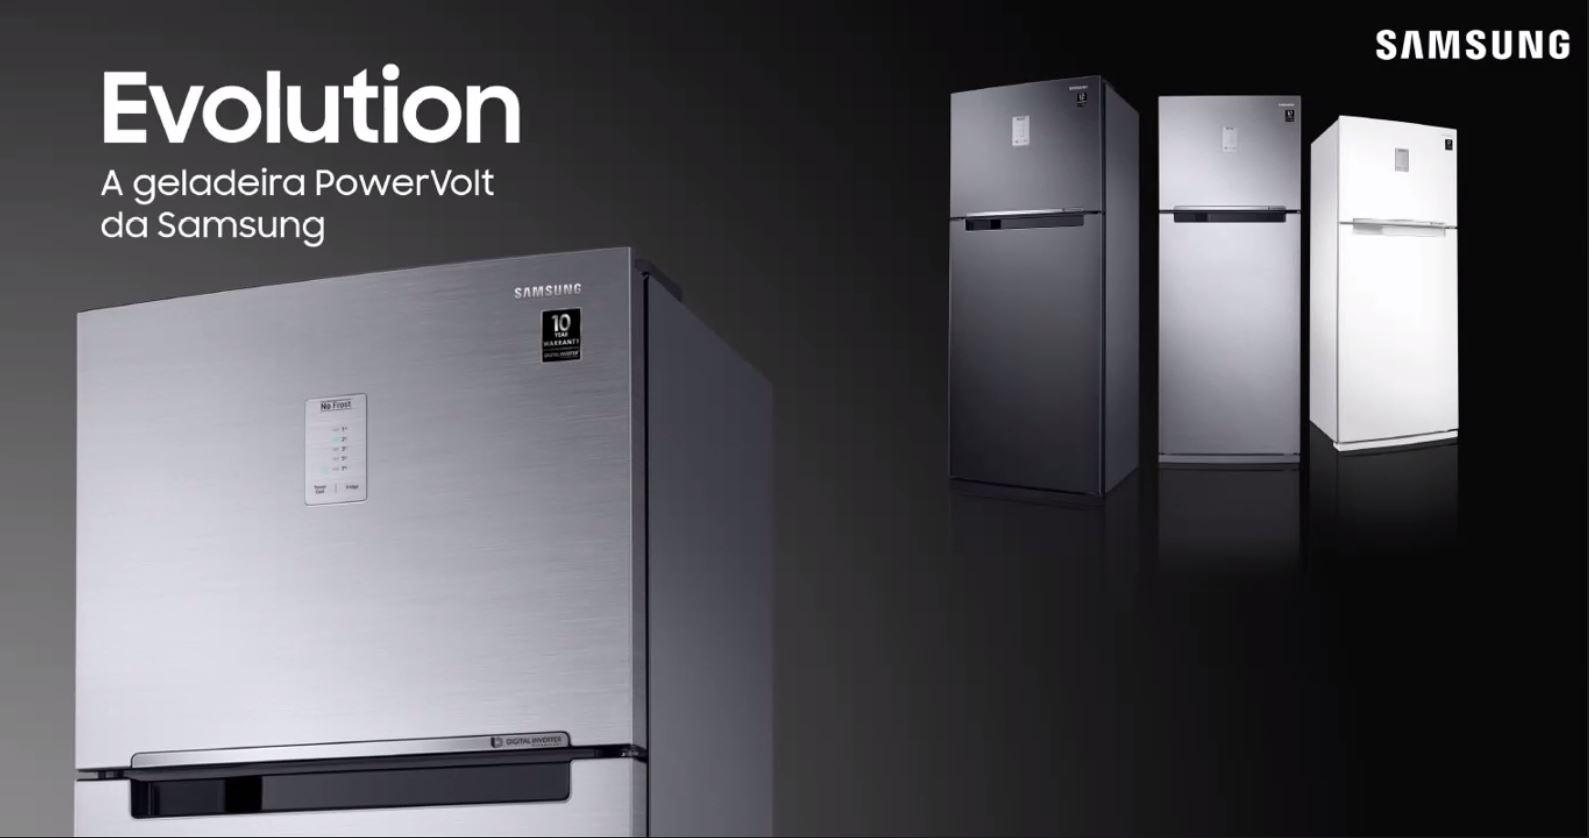 Samsung | Nova linha Evolution de geladeiras traz novidades e design moderno